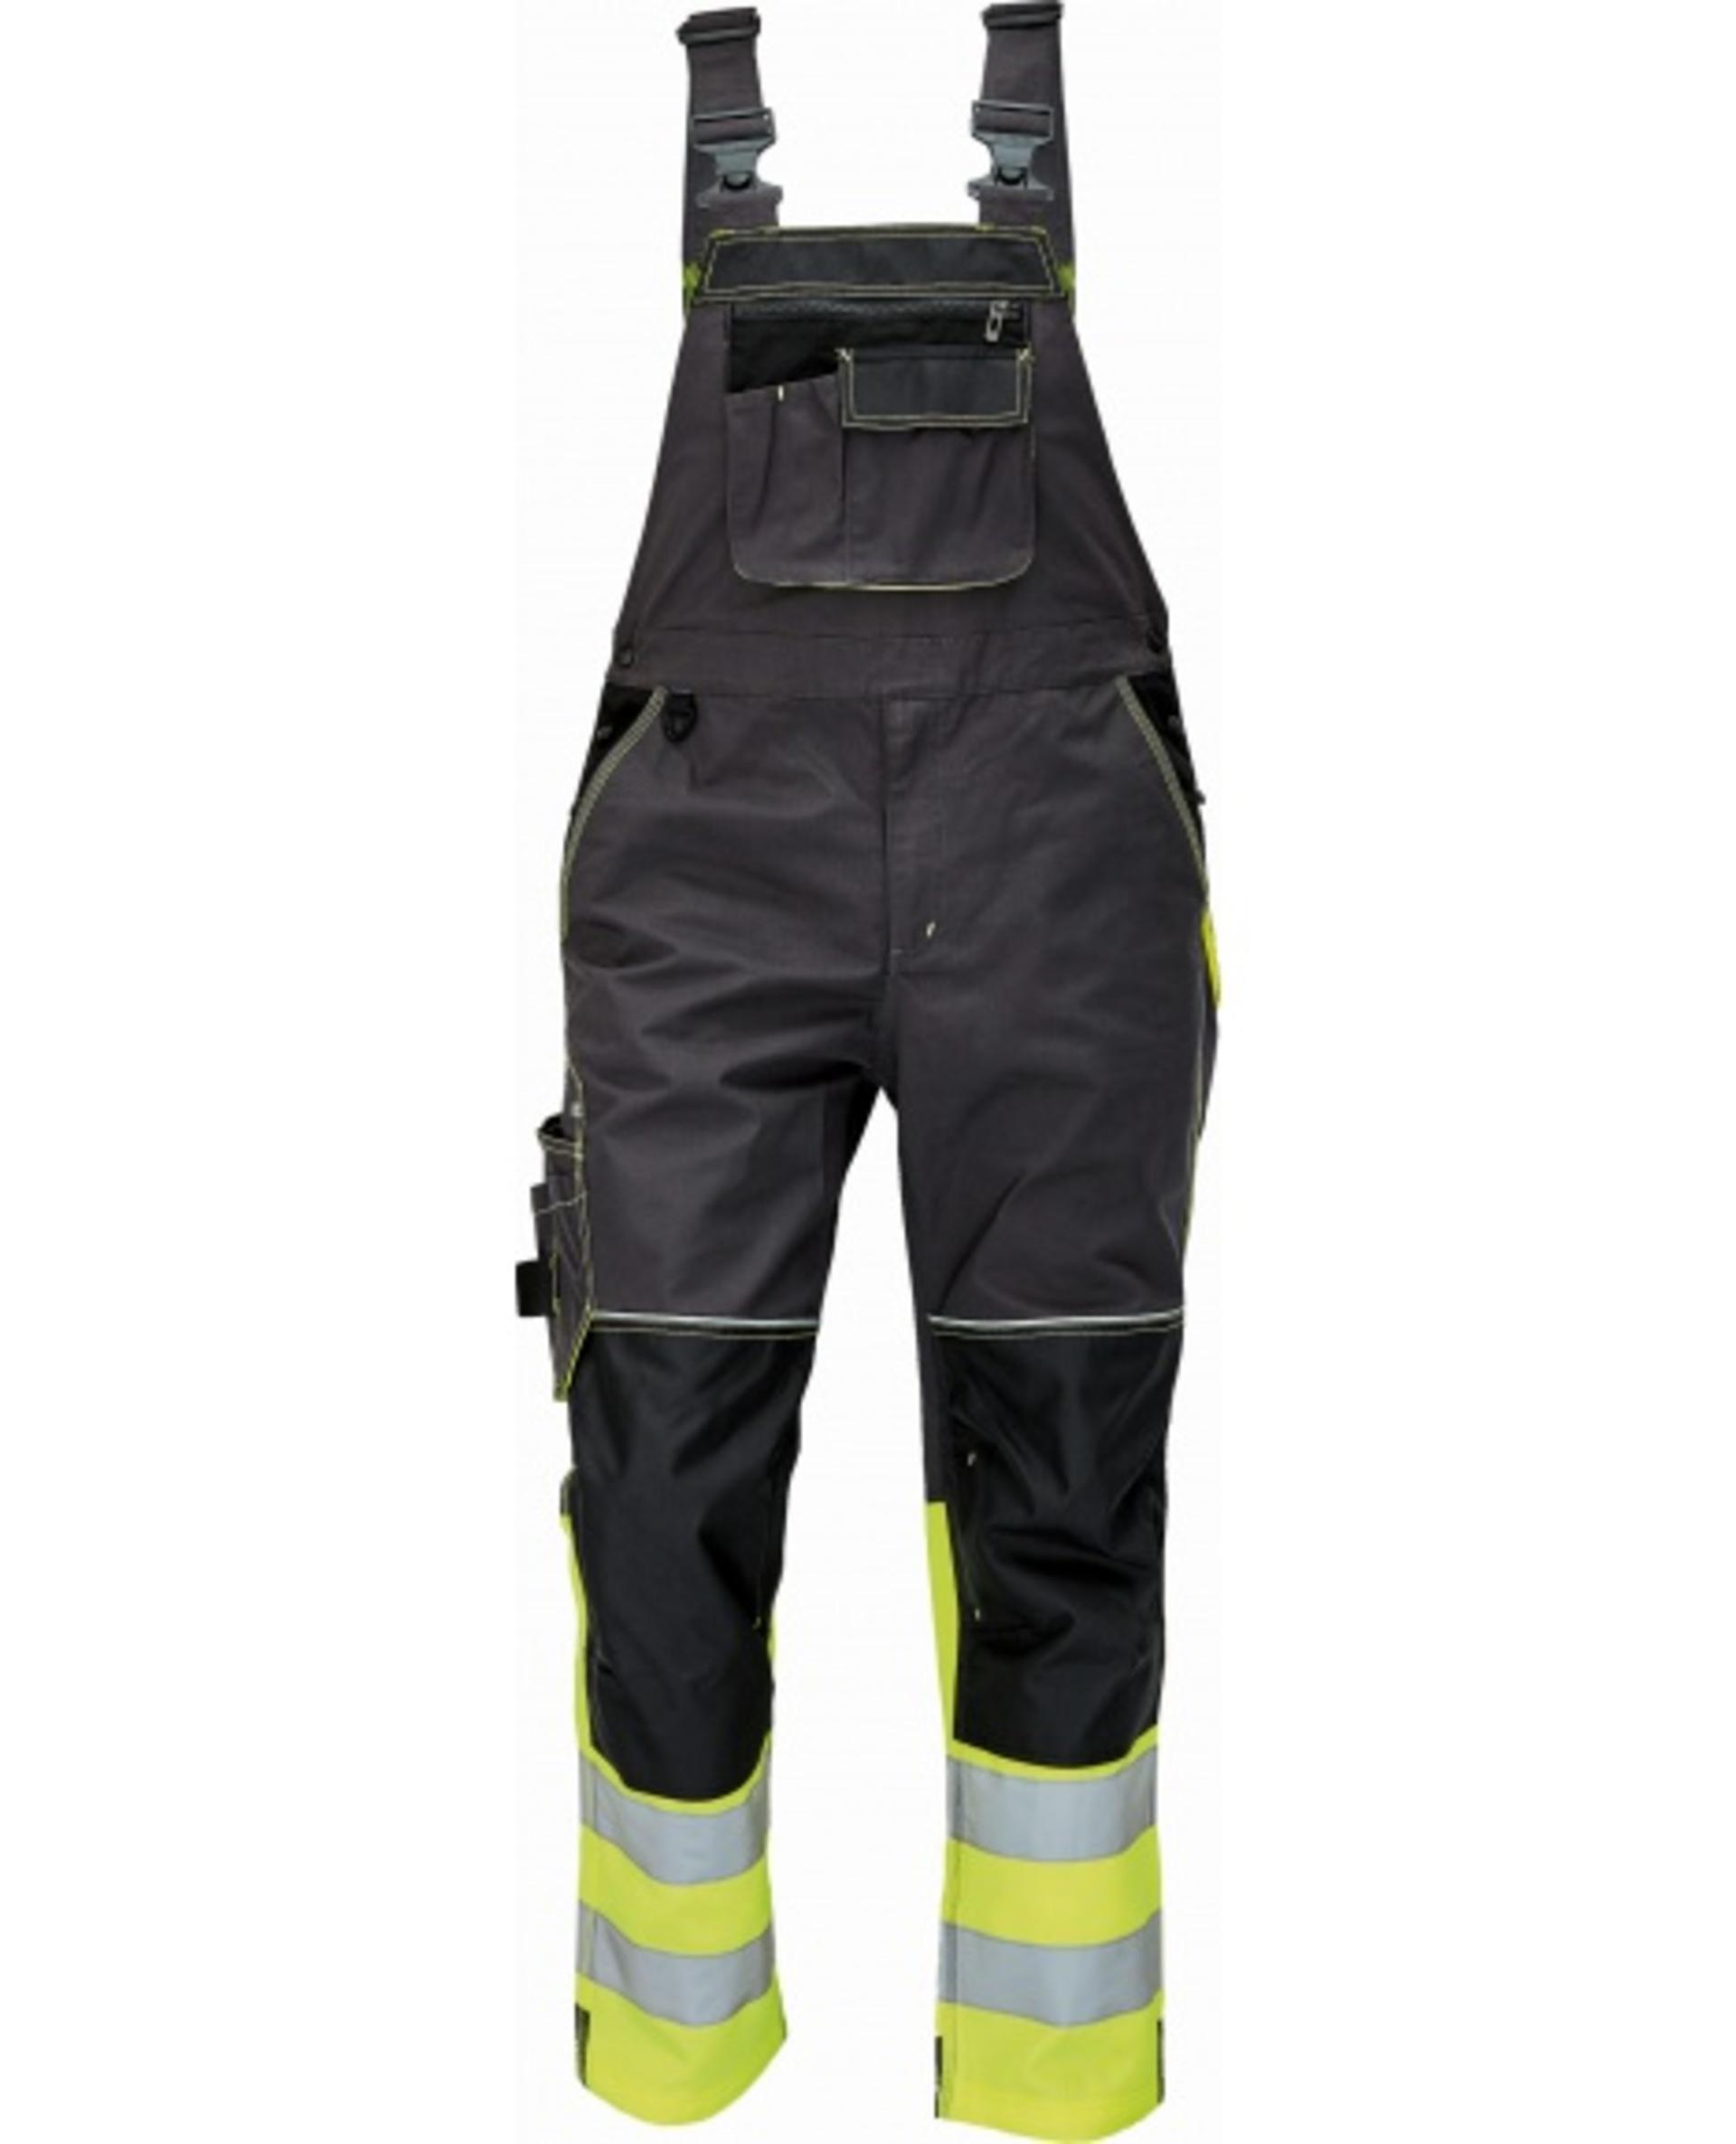 Cerva KNOXFIELD REFLEX Kalhoty pracovní s laclem černá/žlutá 50